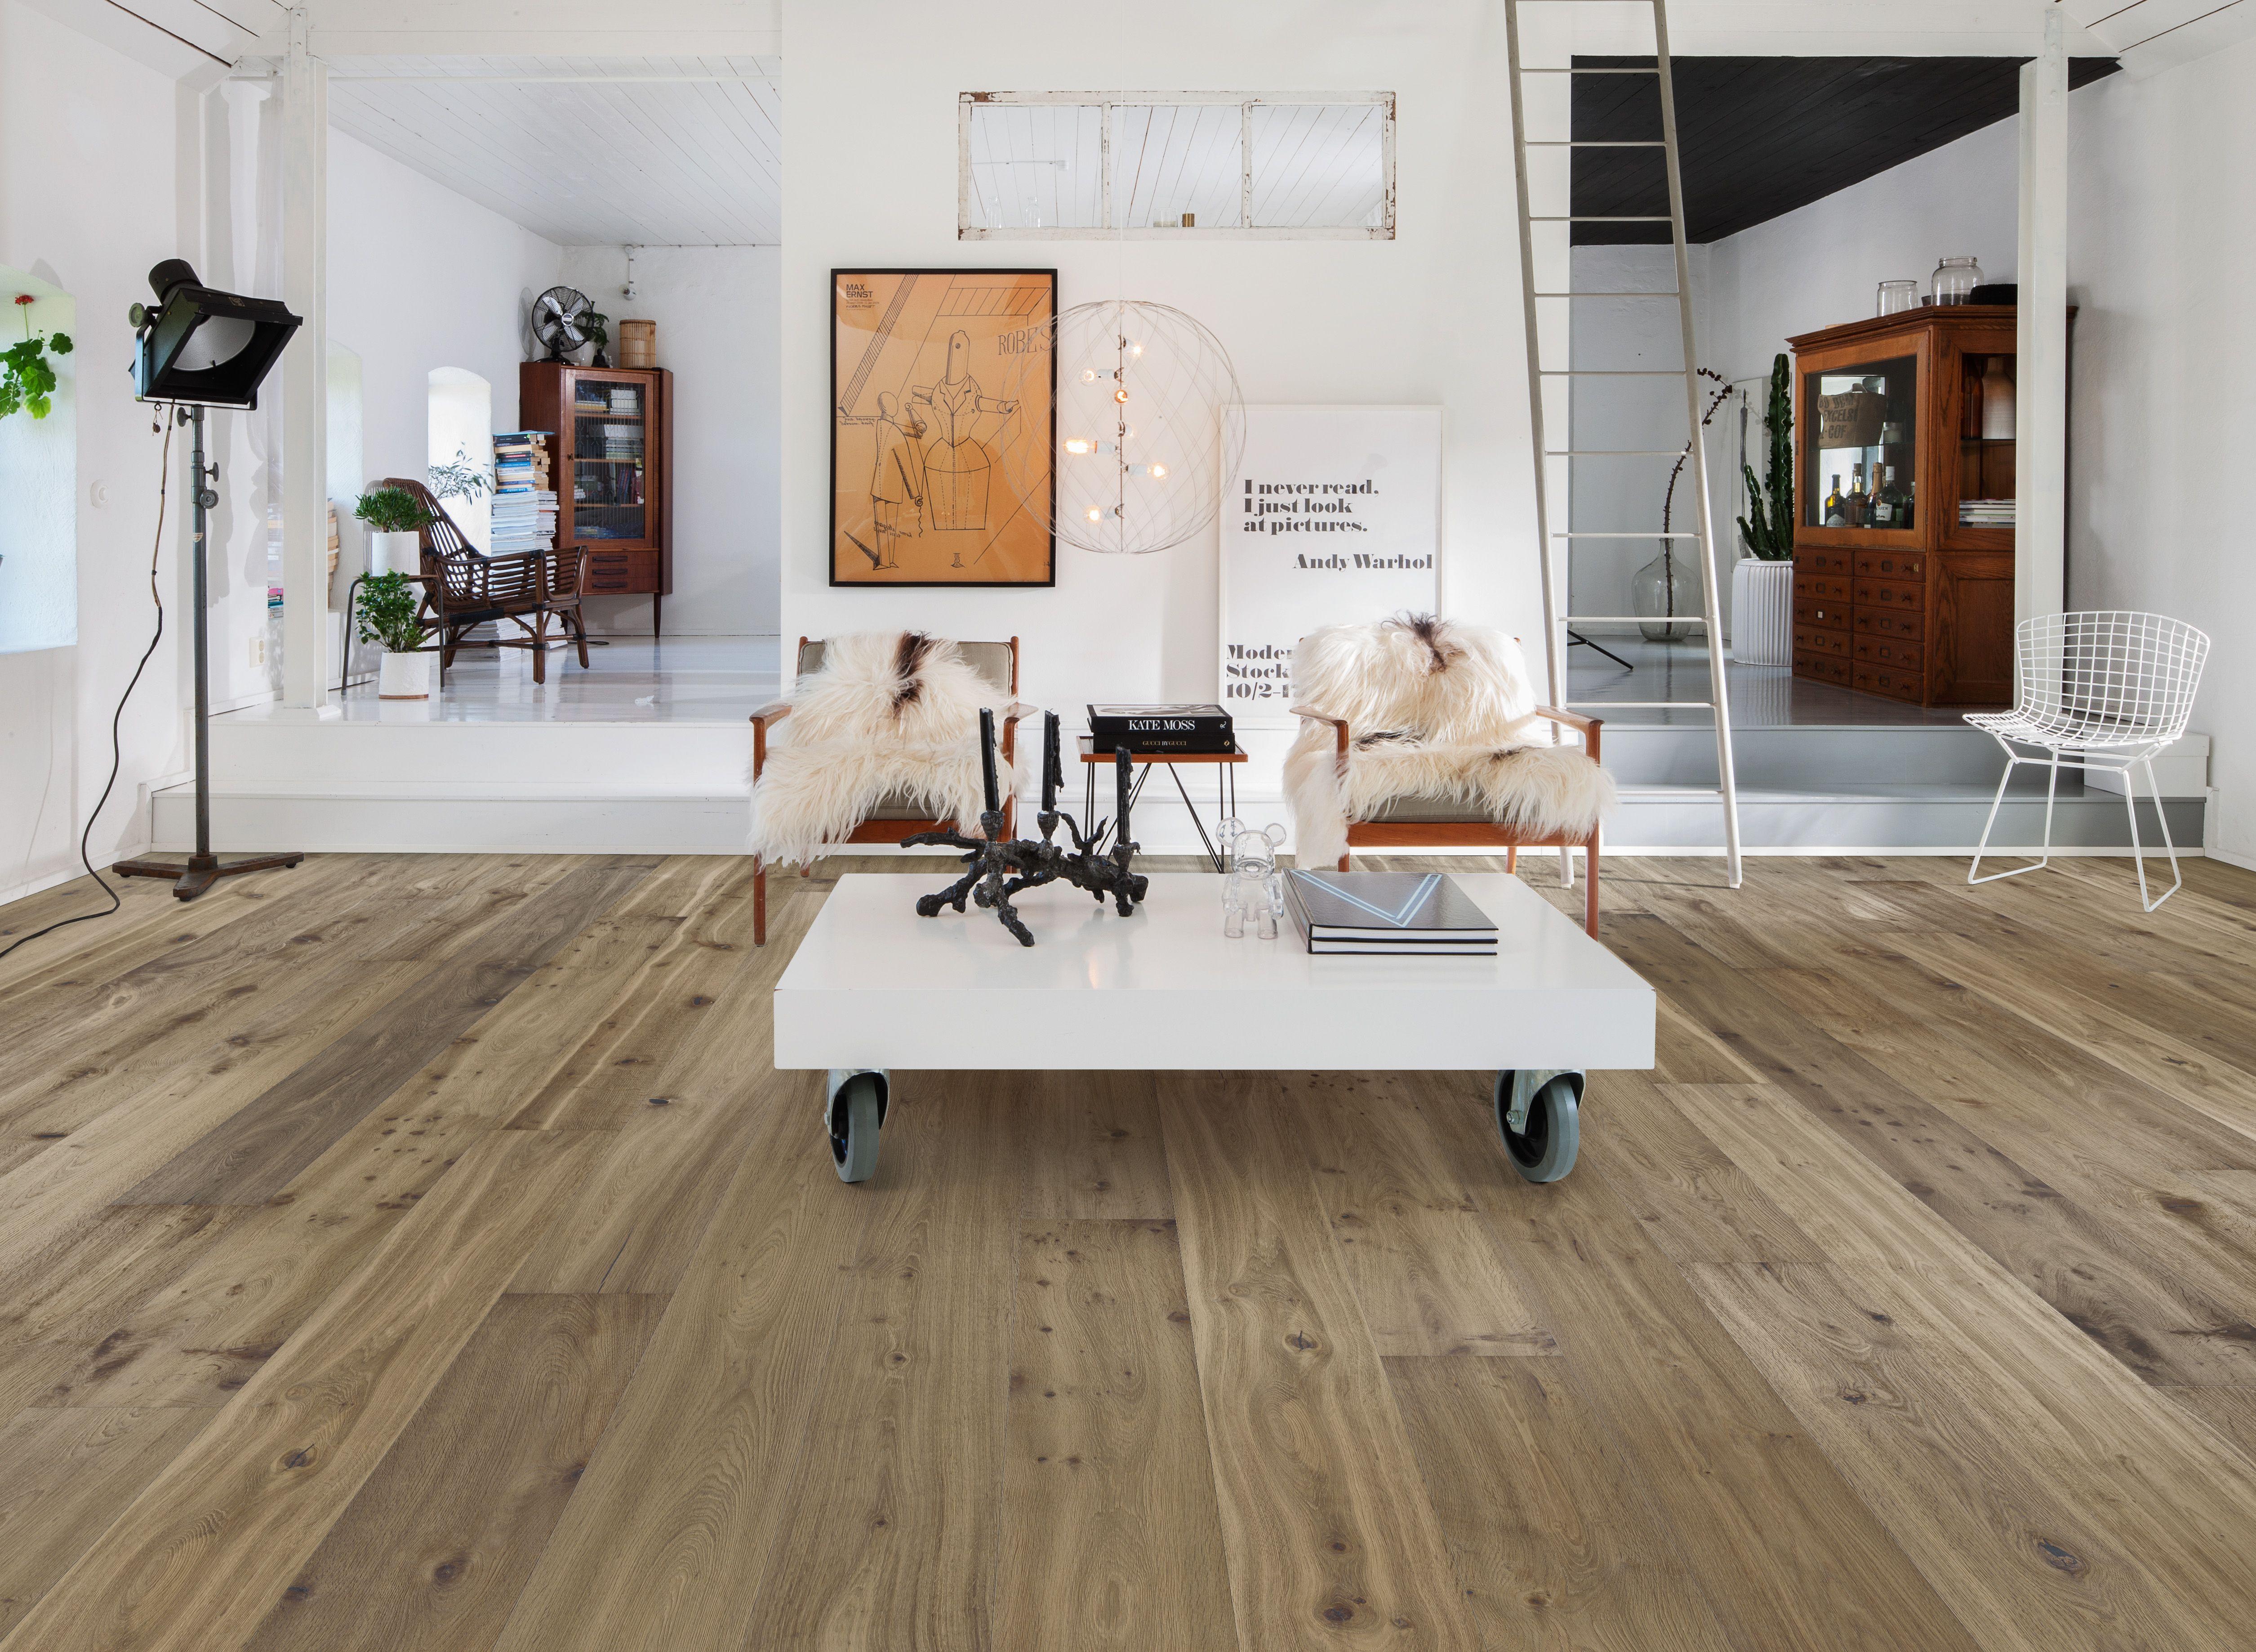 parkett von k hrs 1 stab landhausdiele sm land collection eiche ydre woodfloor. Black Bedroom Furniture Sets. Home Design Ideas